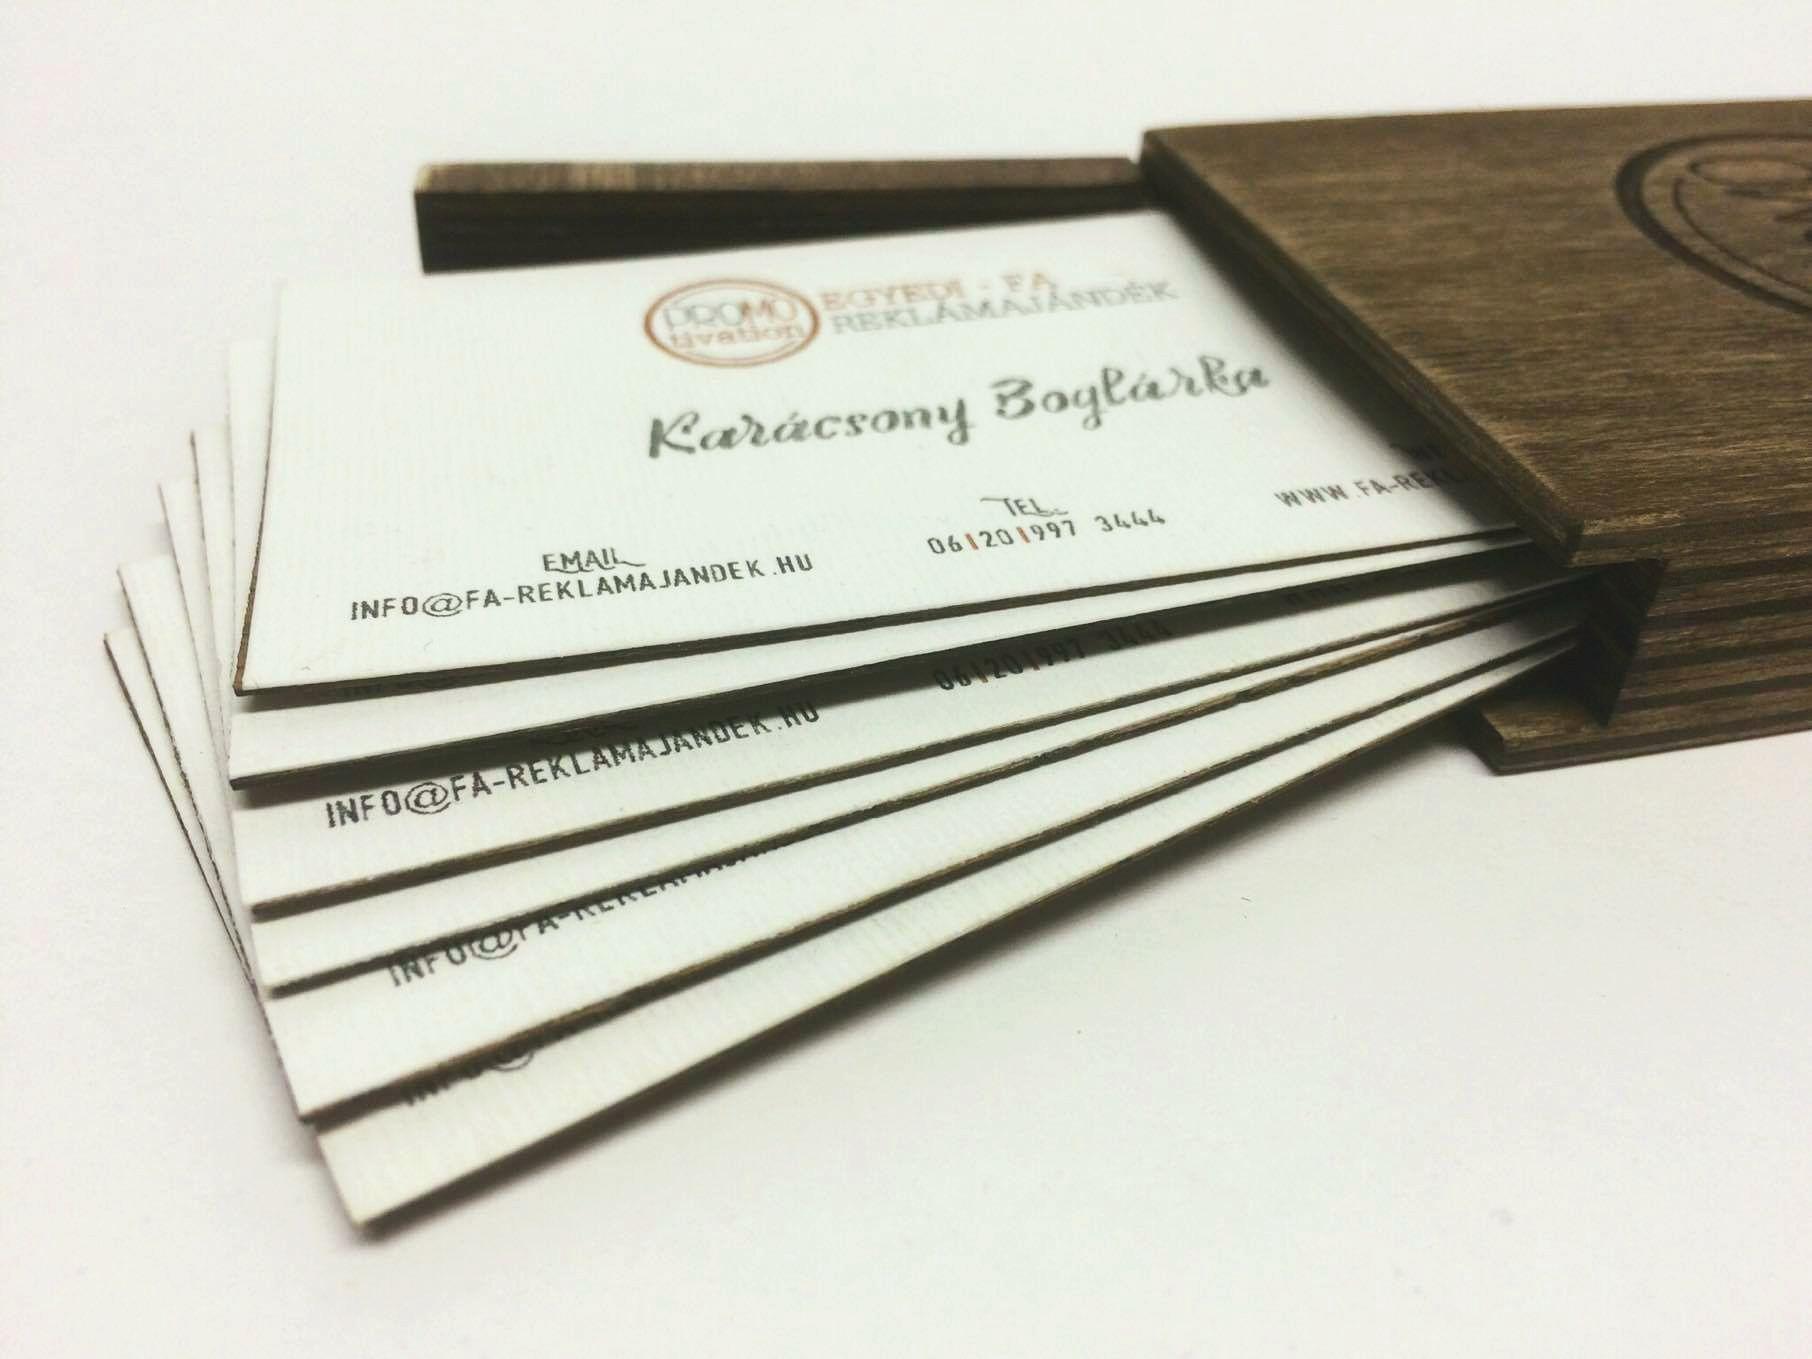 Fával kombinált névjegykártya pácolt fa tartóban